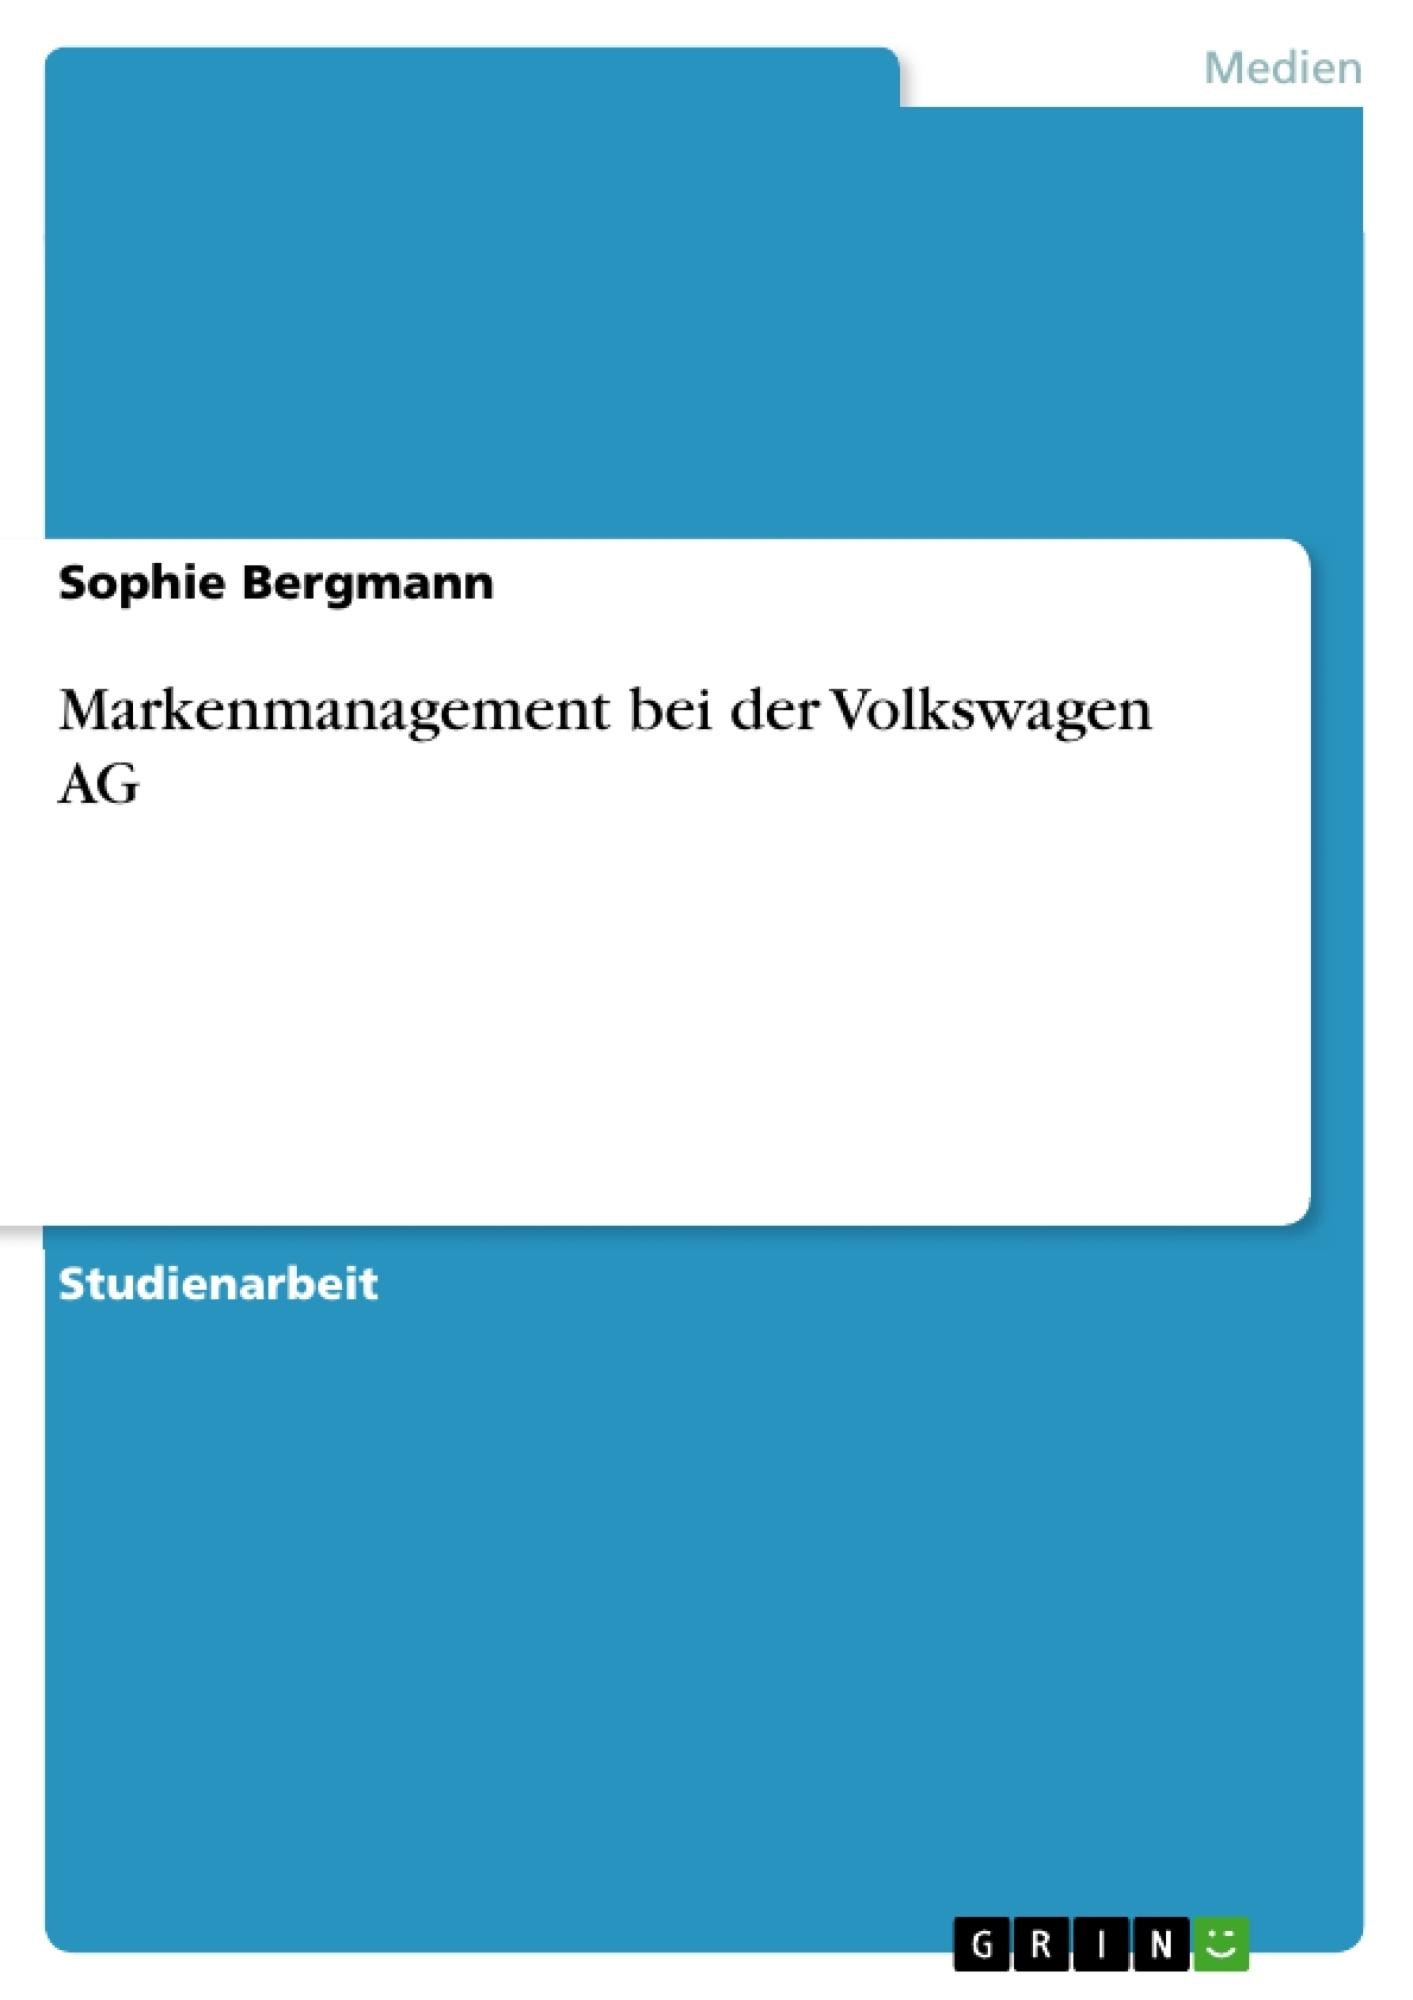 Titel: Markenmanagement bei der Volkswagen AG